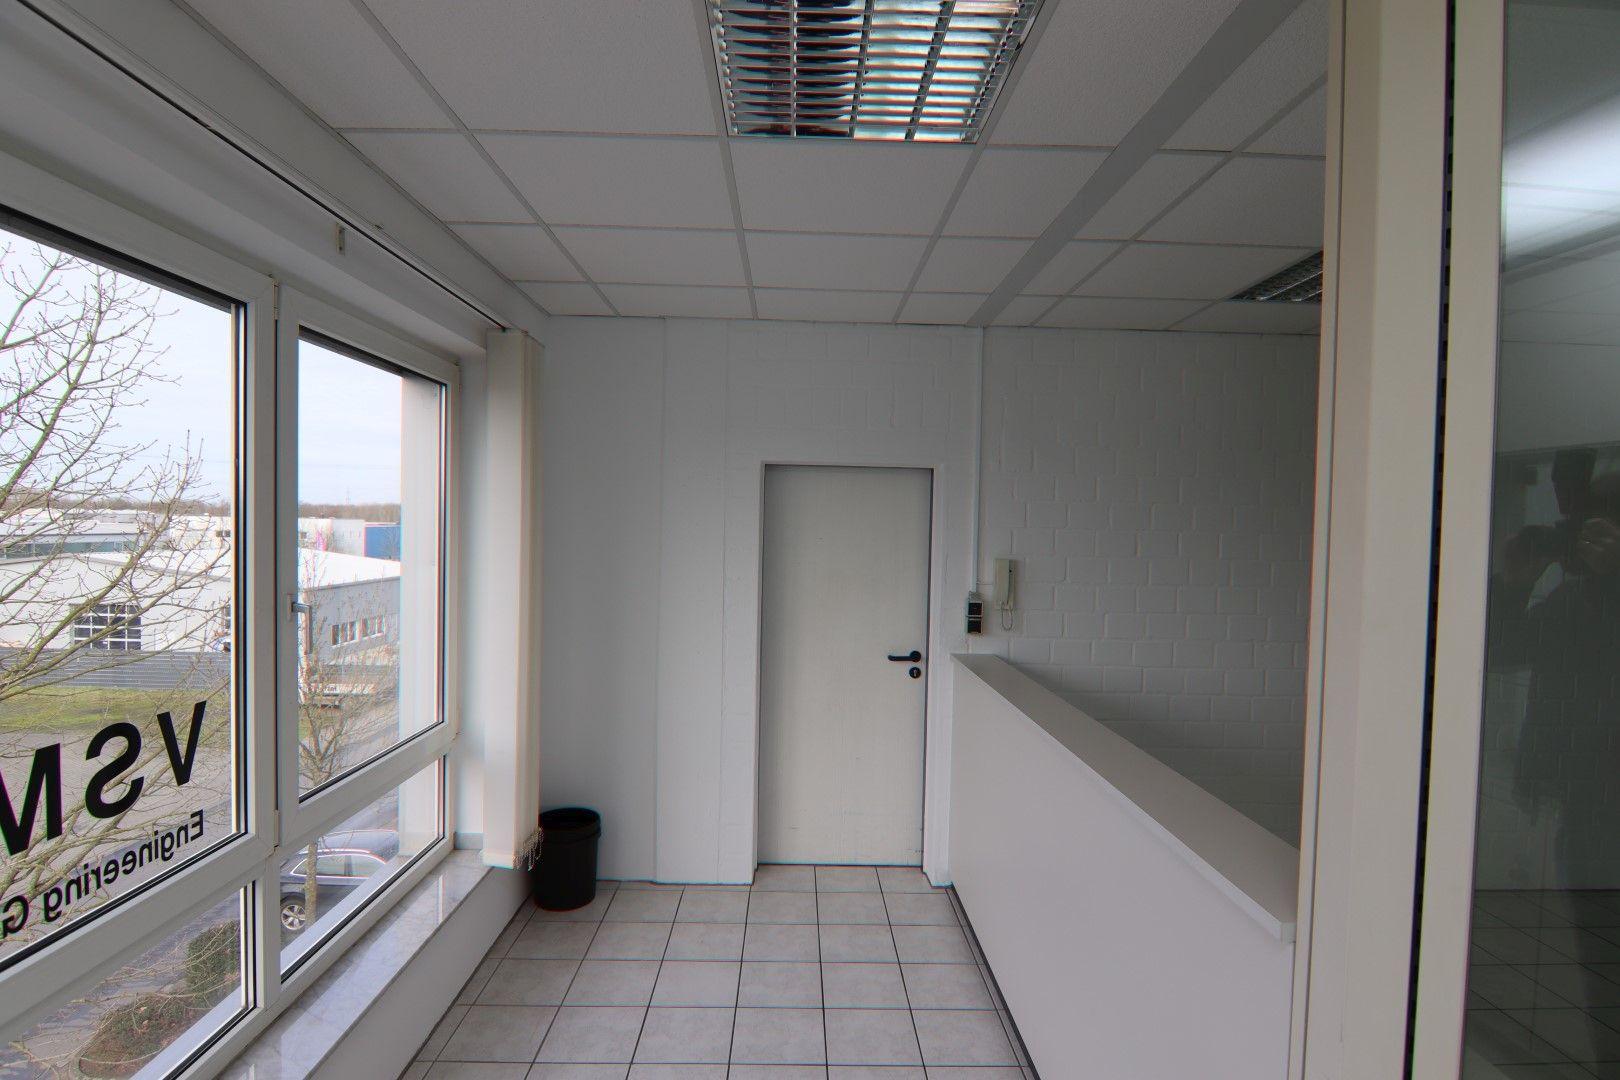 Immobilie Nr.0295 - Bürofläche mit WC-Anlage, Küche u. Aufzug - Bild 14.jpg